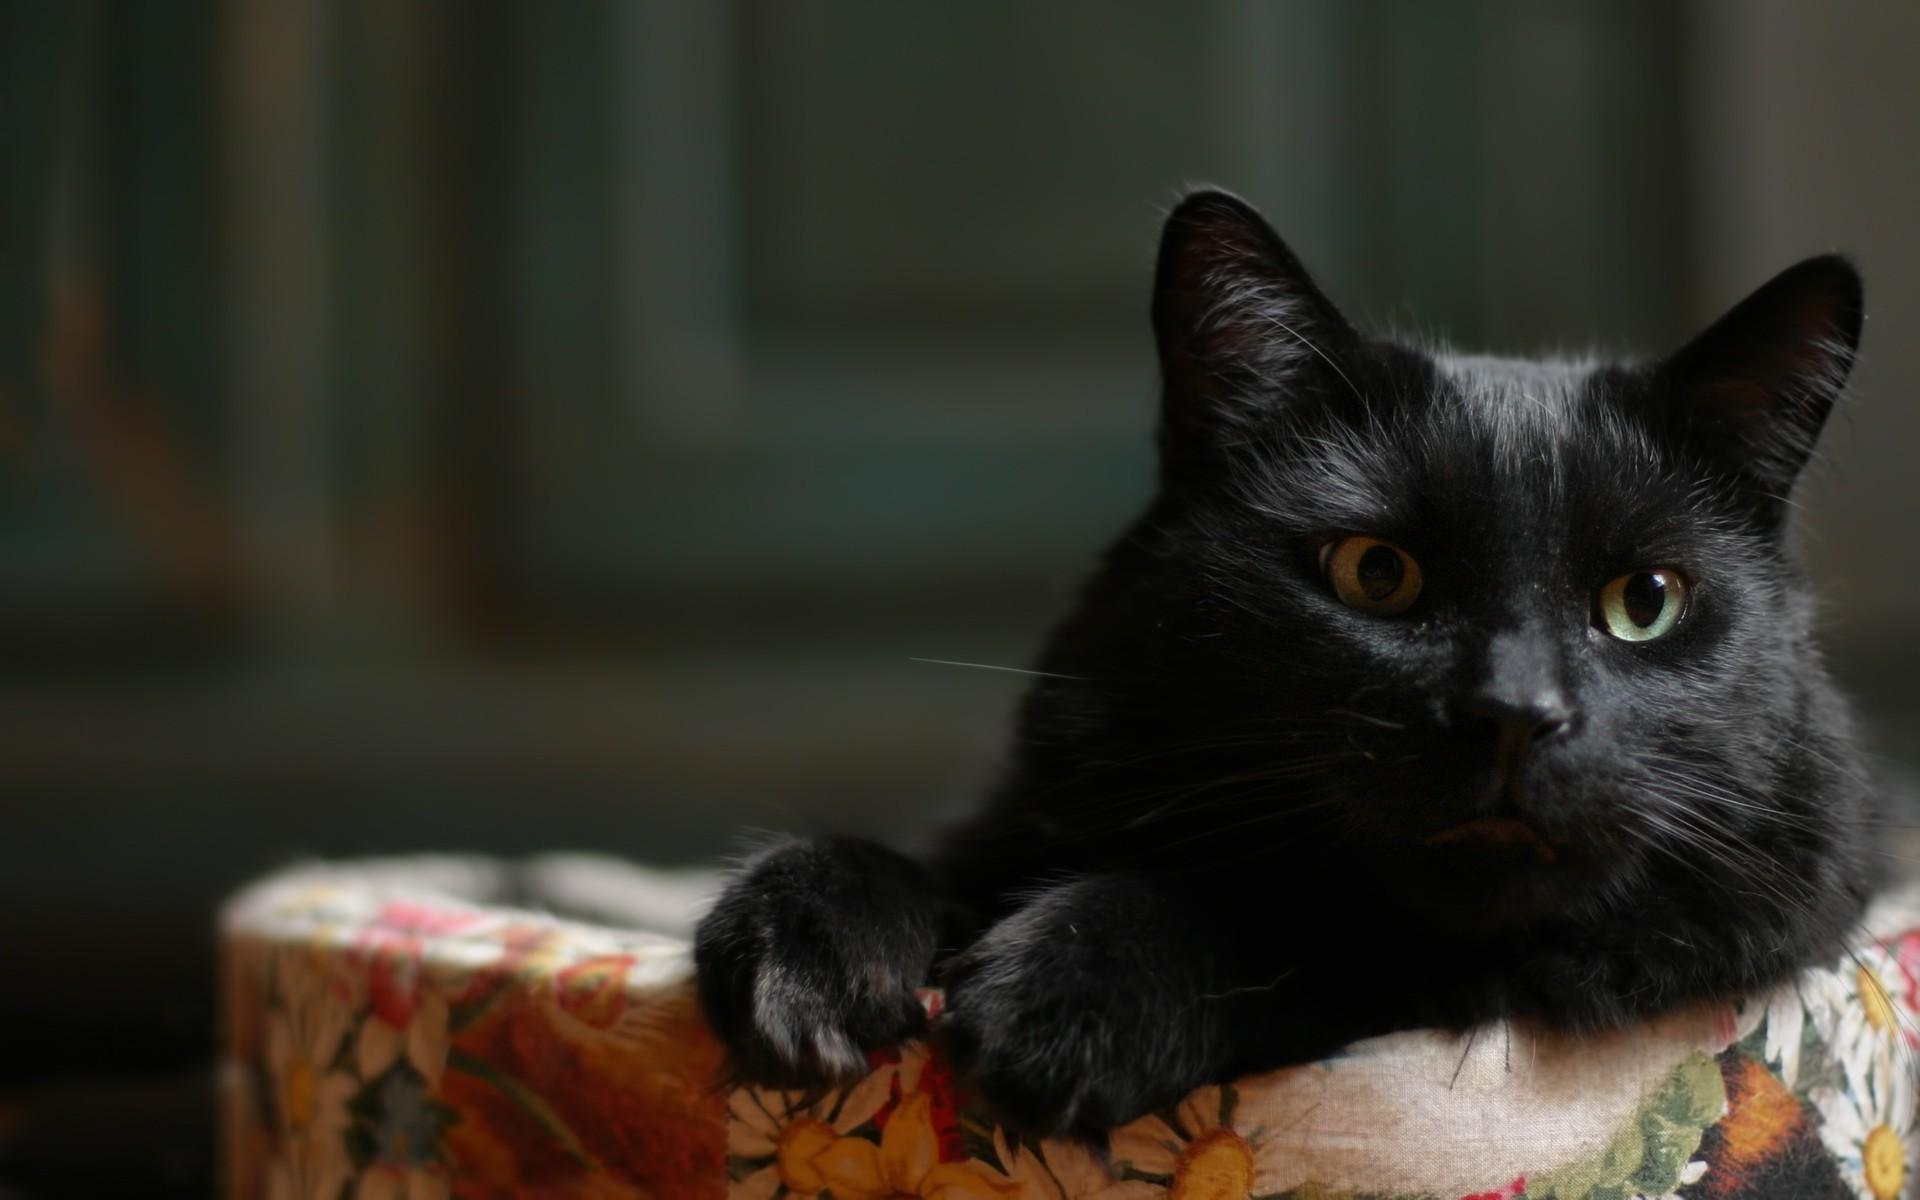 Un pequeno gato acostado - 1920x1200